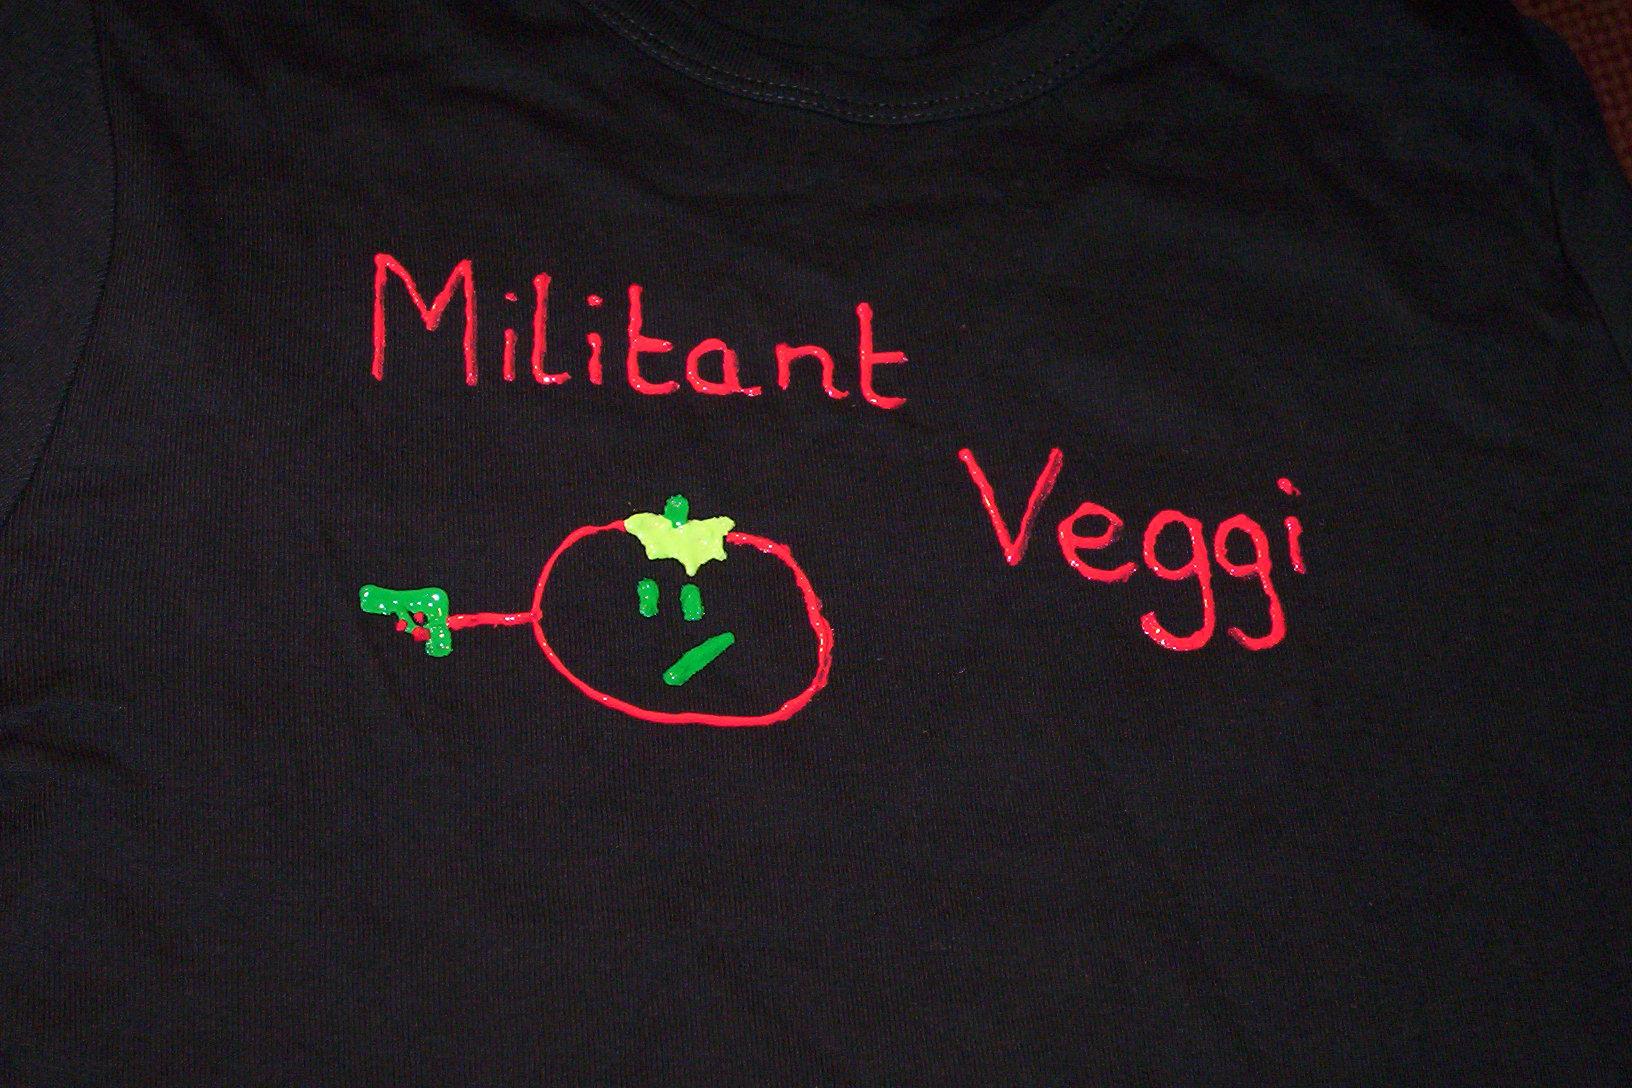 Militant Veggi by Otherside27